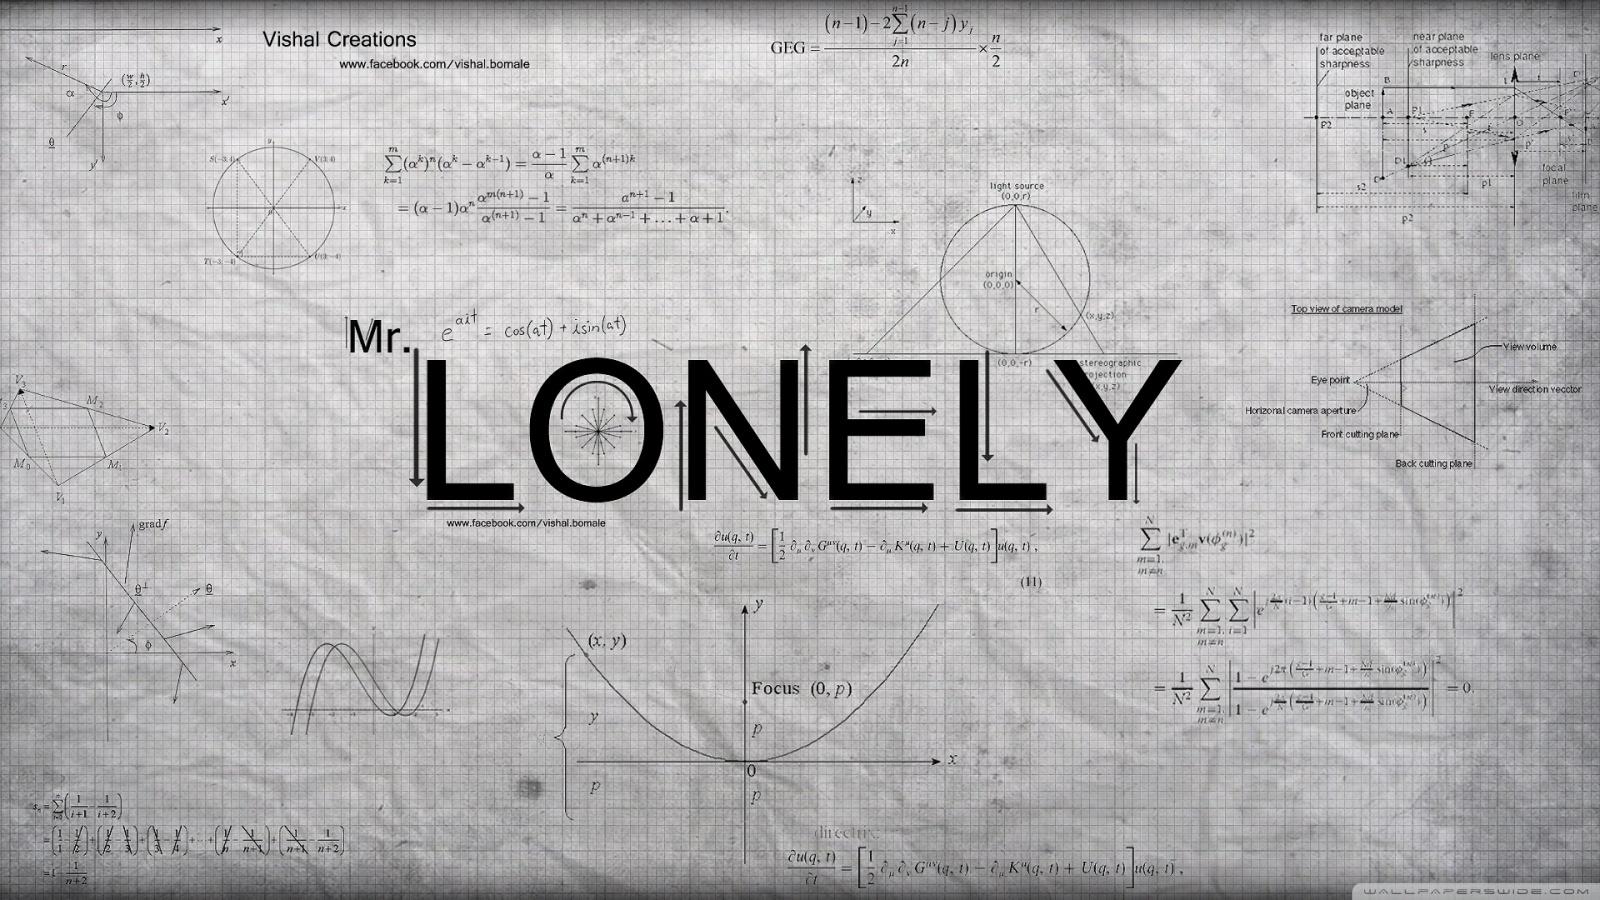 Alone Hd Wallpapers 1080p Mr Lonely 4k Hd Desktop Wallpaper For 4k Ultra Hd Tv